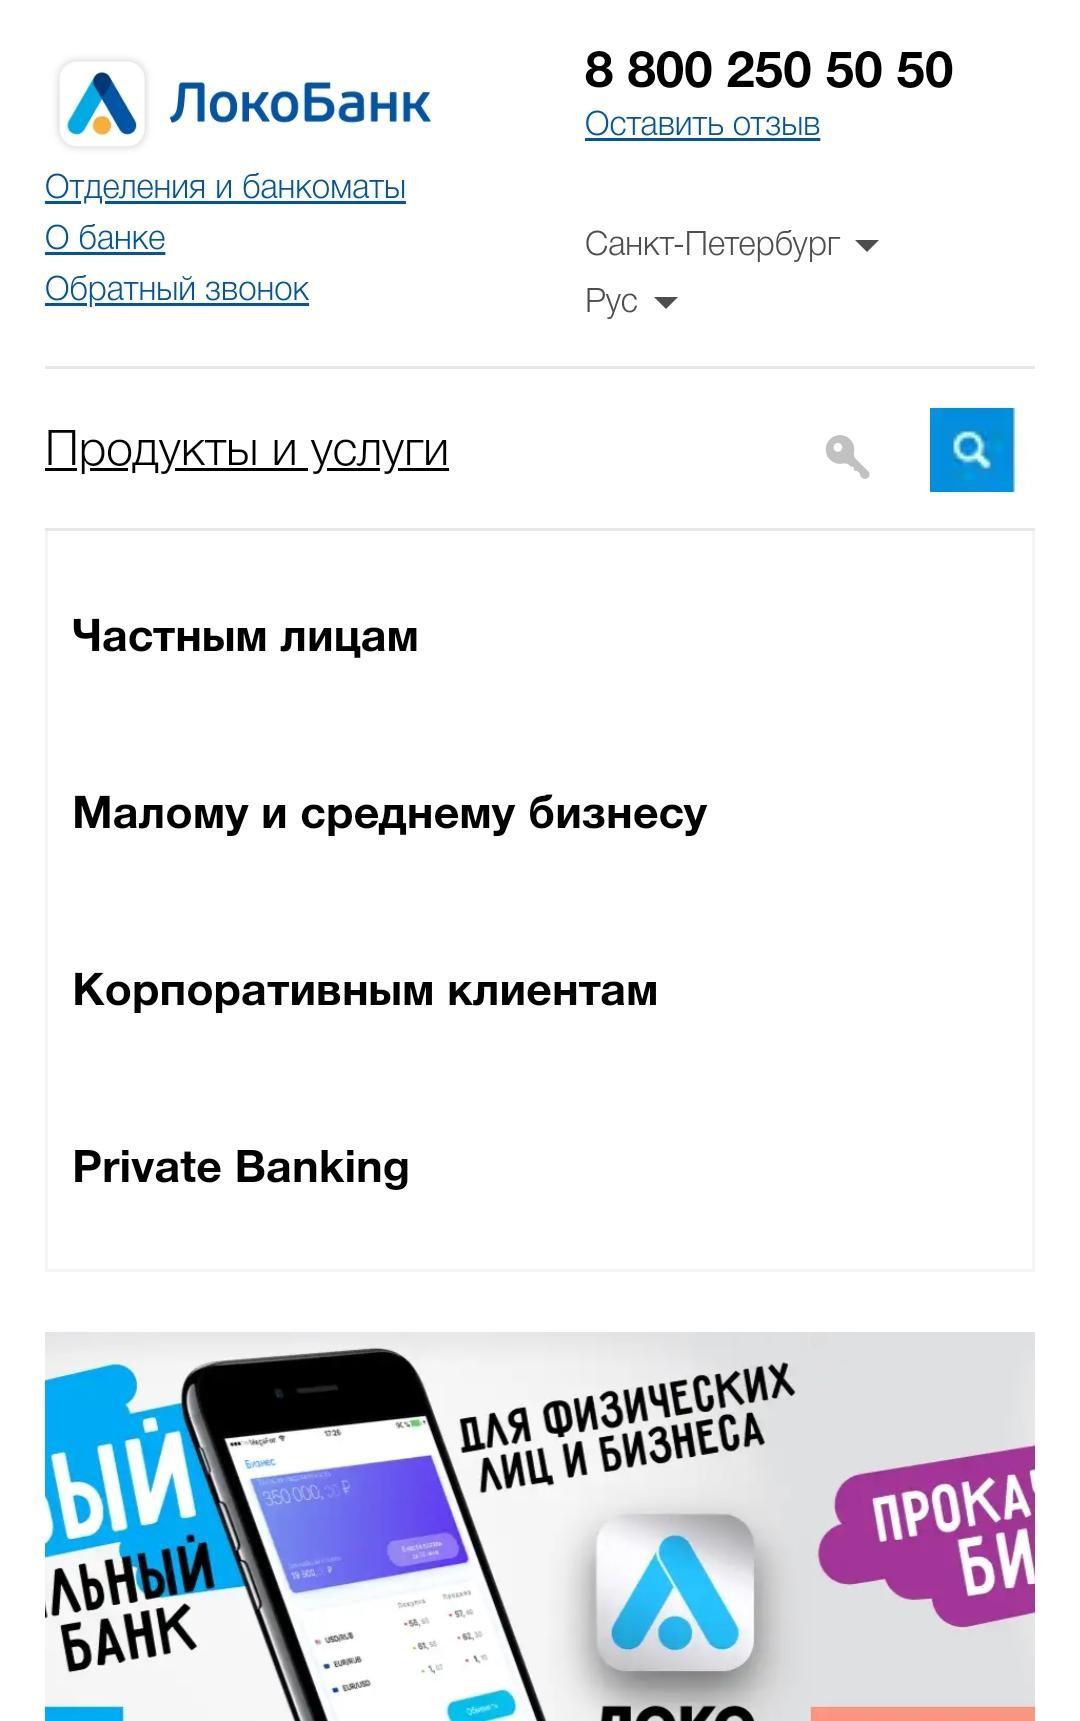 Главная страница сайта Локо-банка